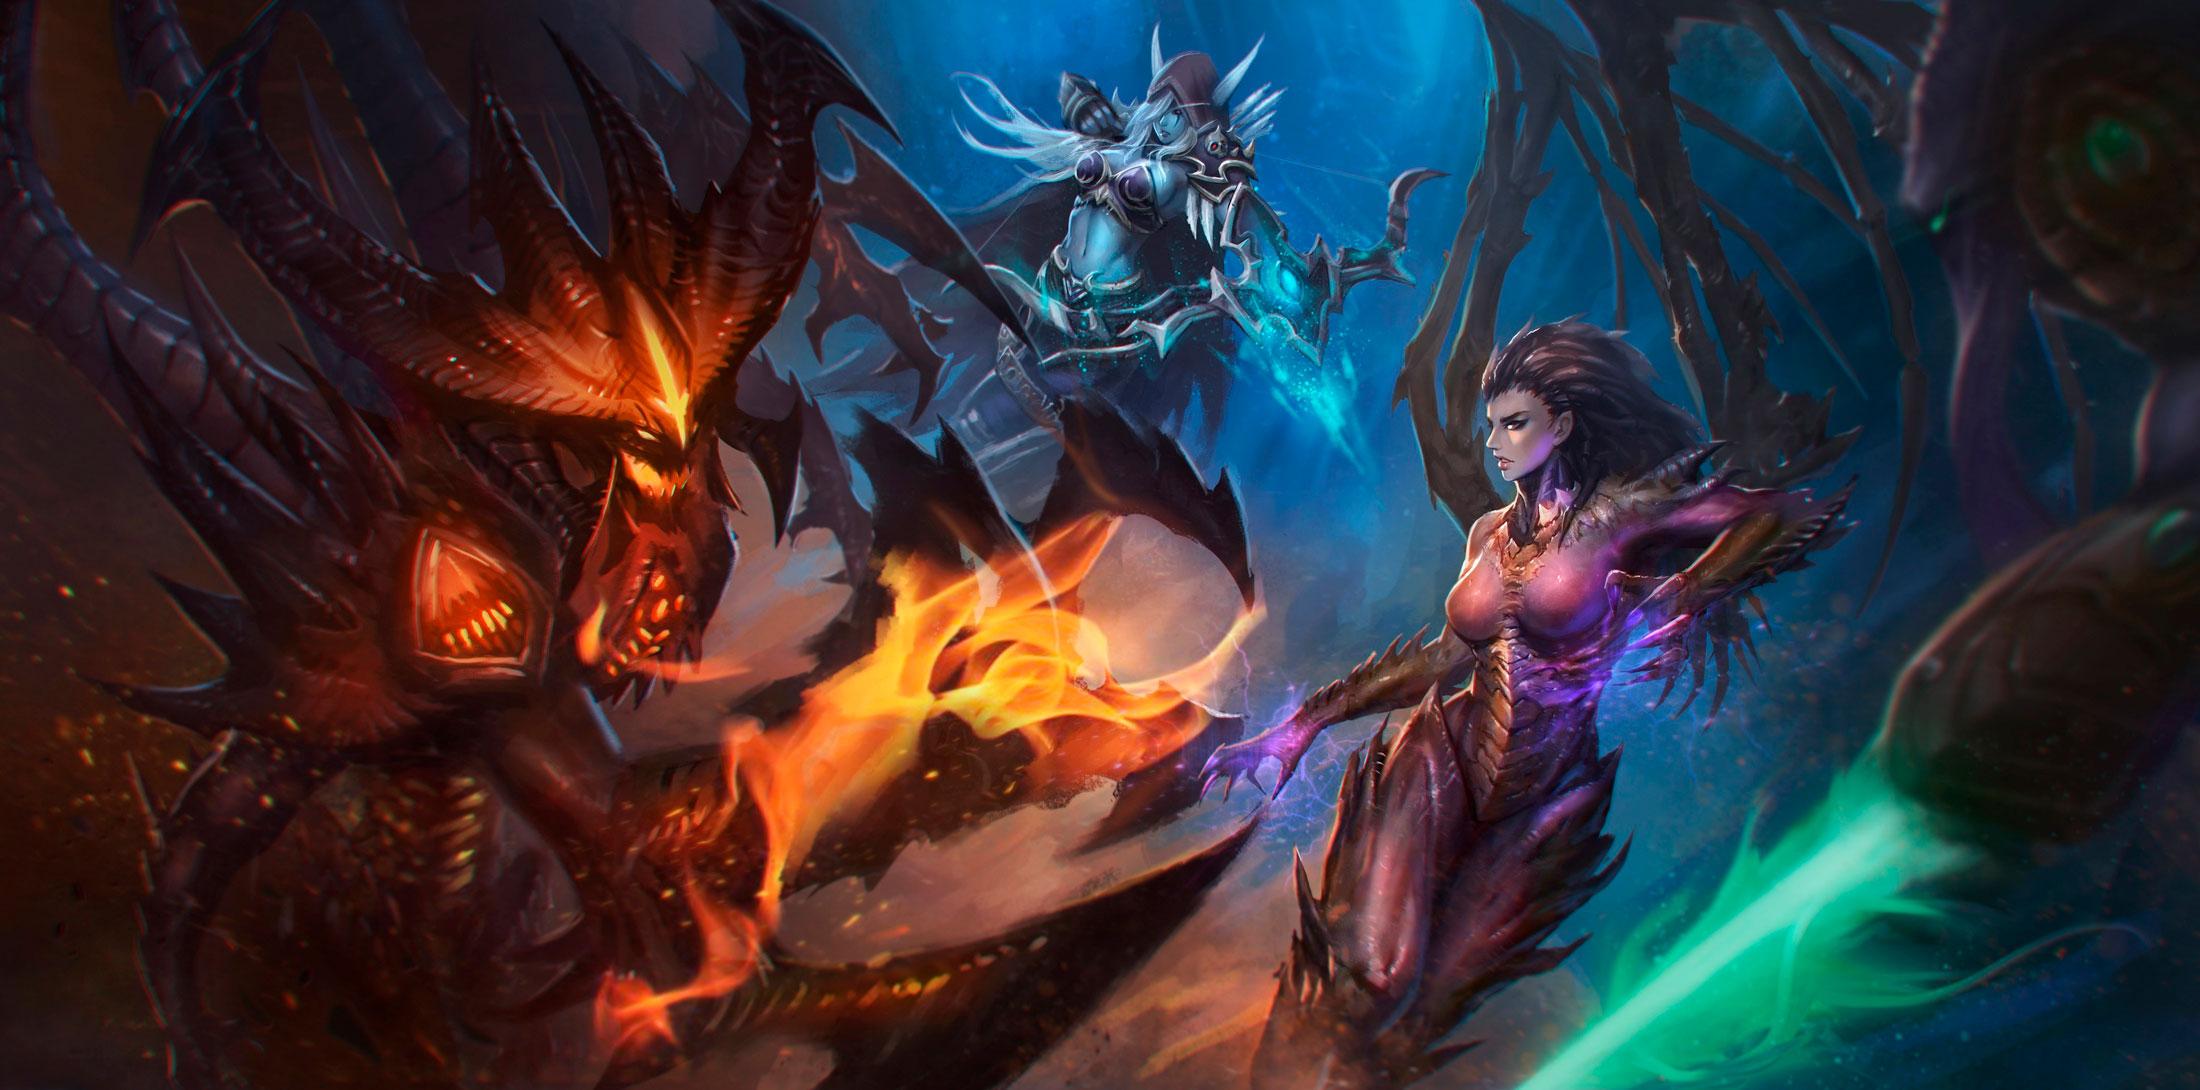 World of Warcraft красивые и крутые обои для рабочего стола 1